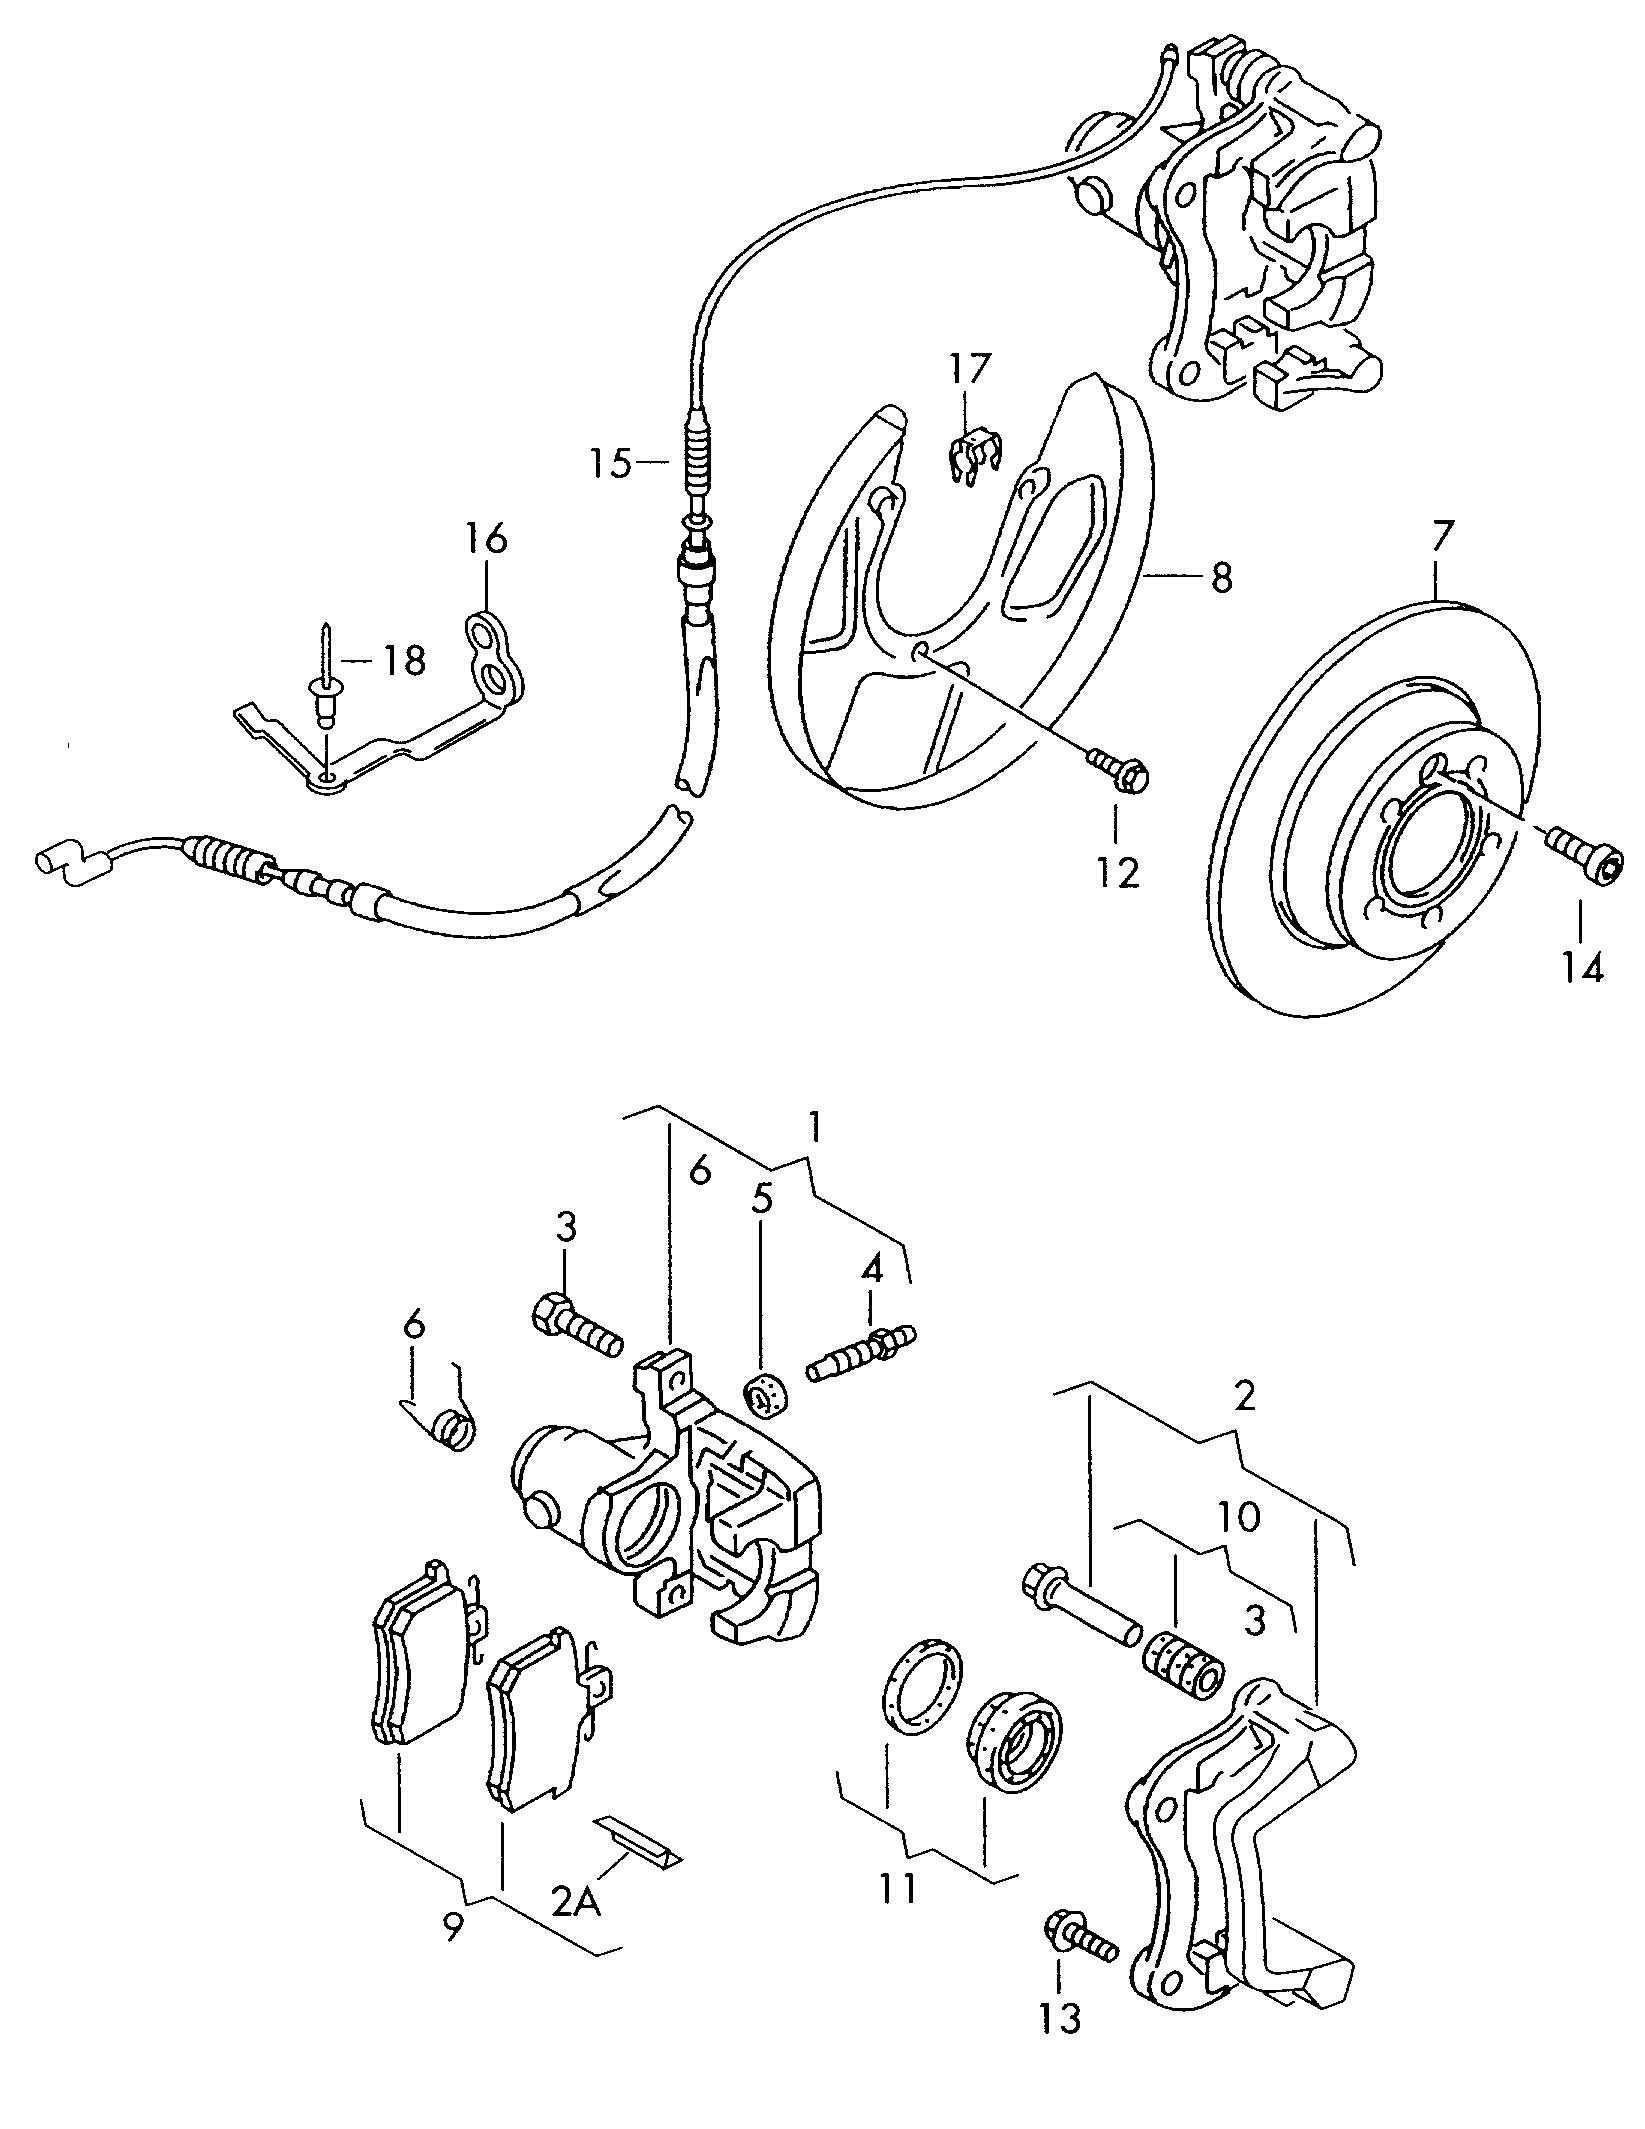 Brake Repair Diagram : Rear brake repair kits sliders seals etc vw t forum